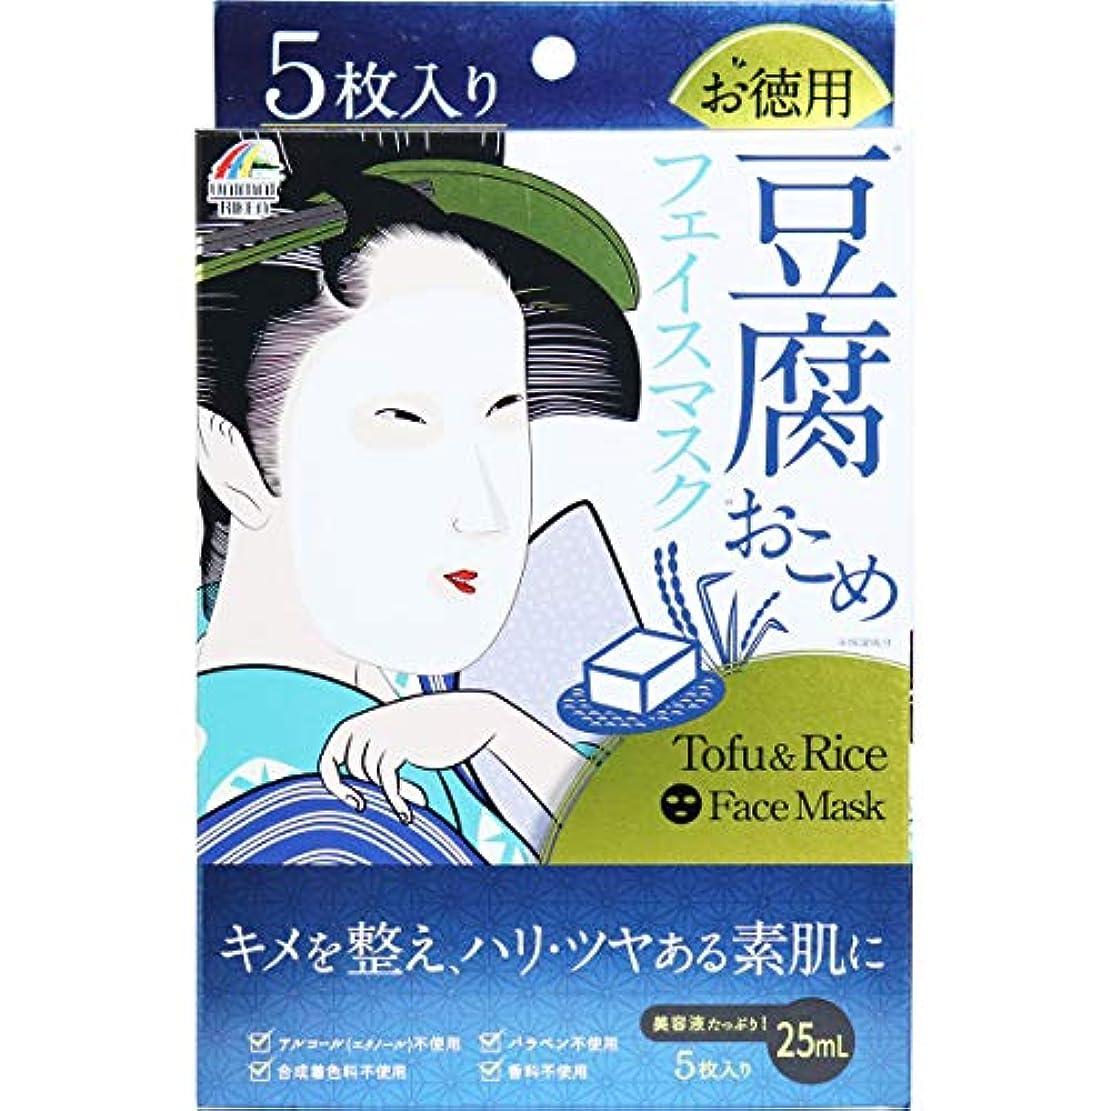 自分指受粉するユニマットリケン 豆腐おこめフェイスマスク 5枚入り